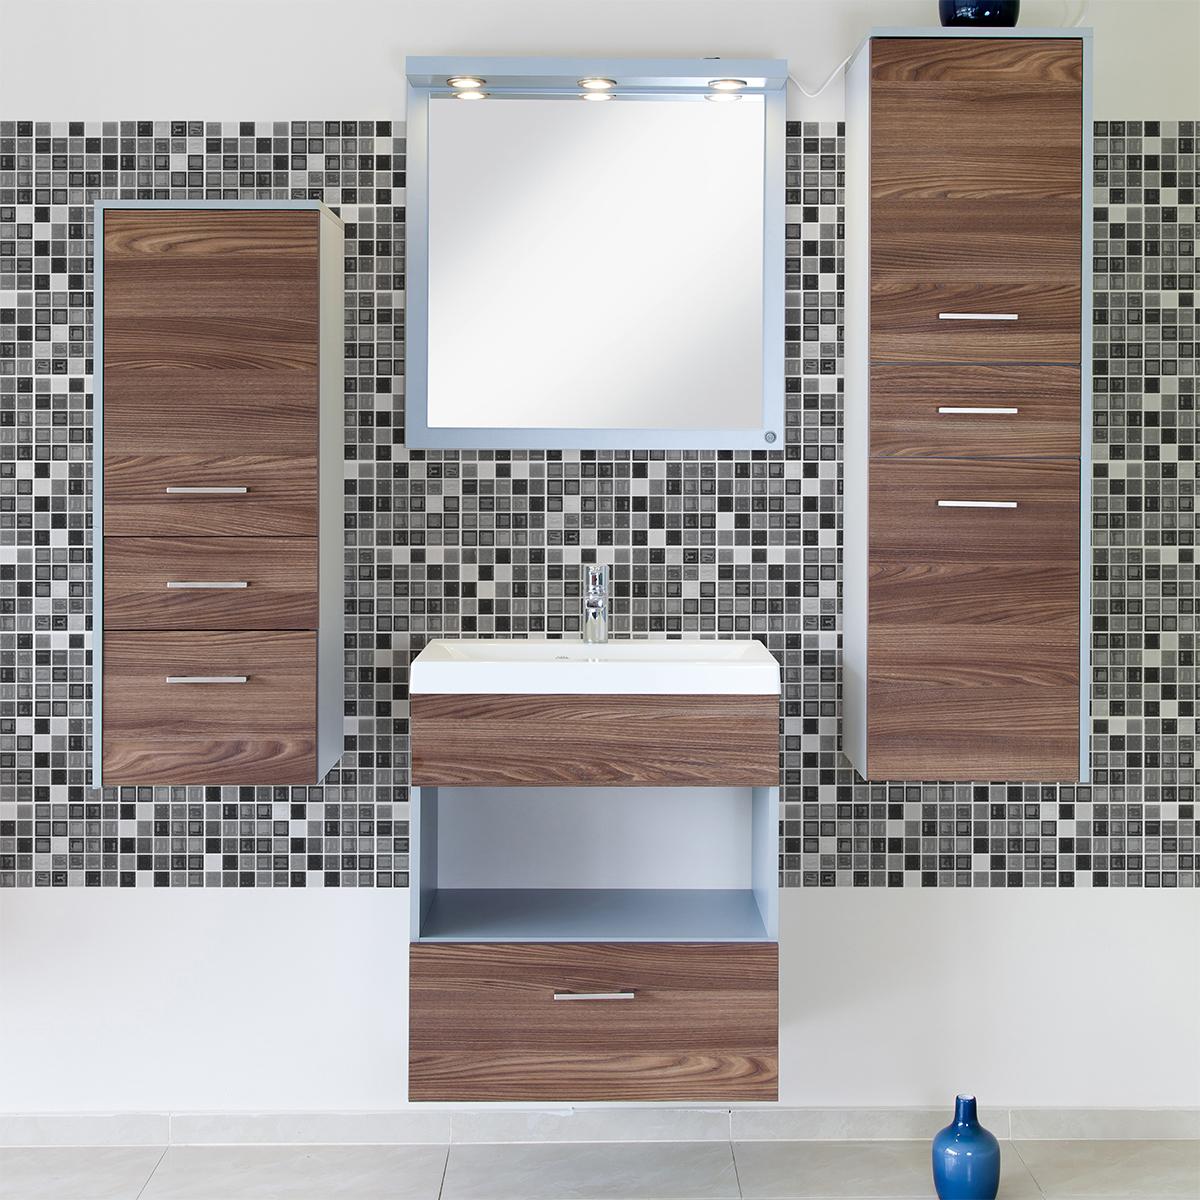 9 stickers carrelages azulejos mosa ques nuance de gris art et design artistiques ambiance. Black Bedroom Furniture Sets. Home Design Ideas